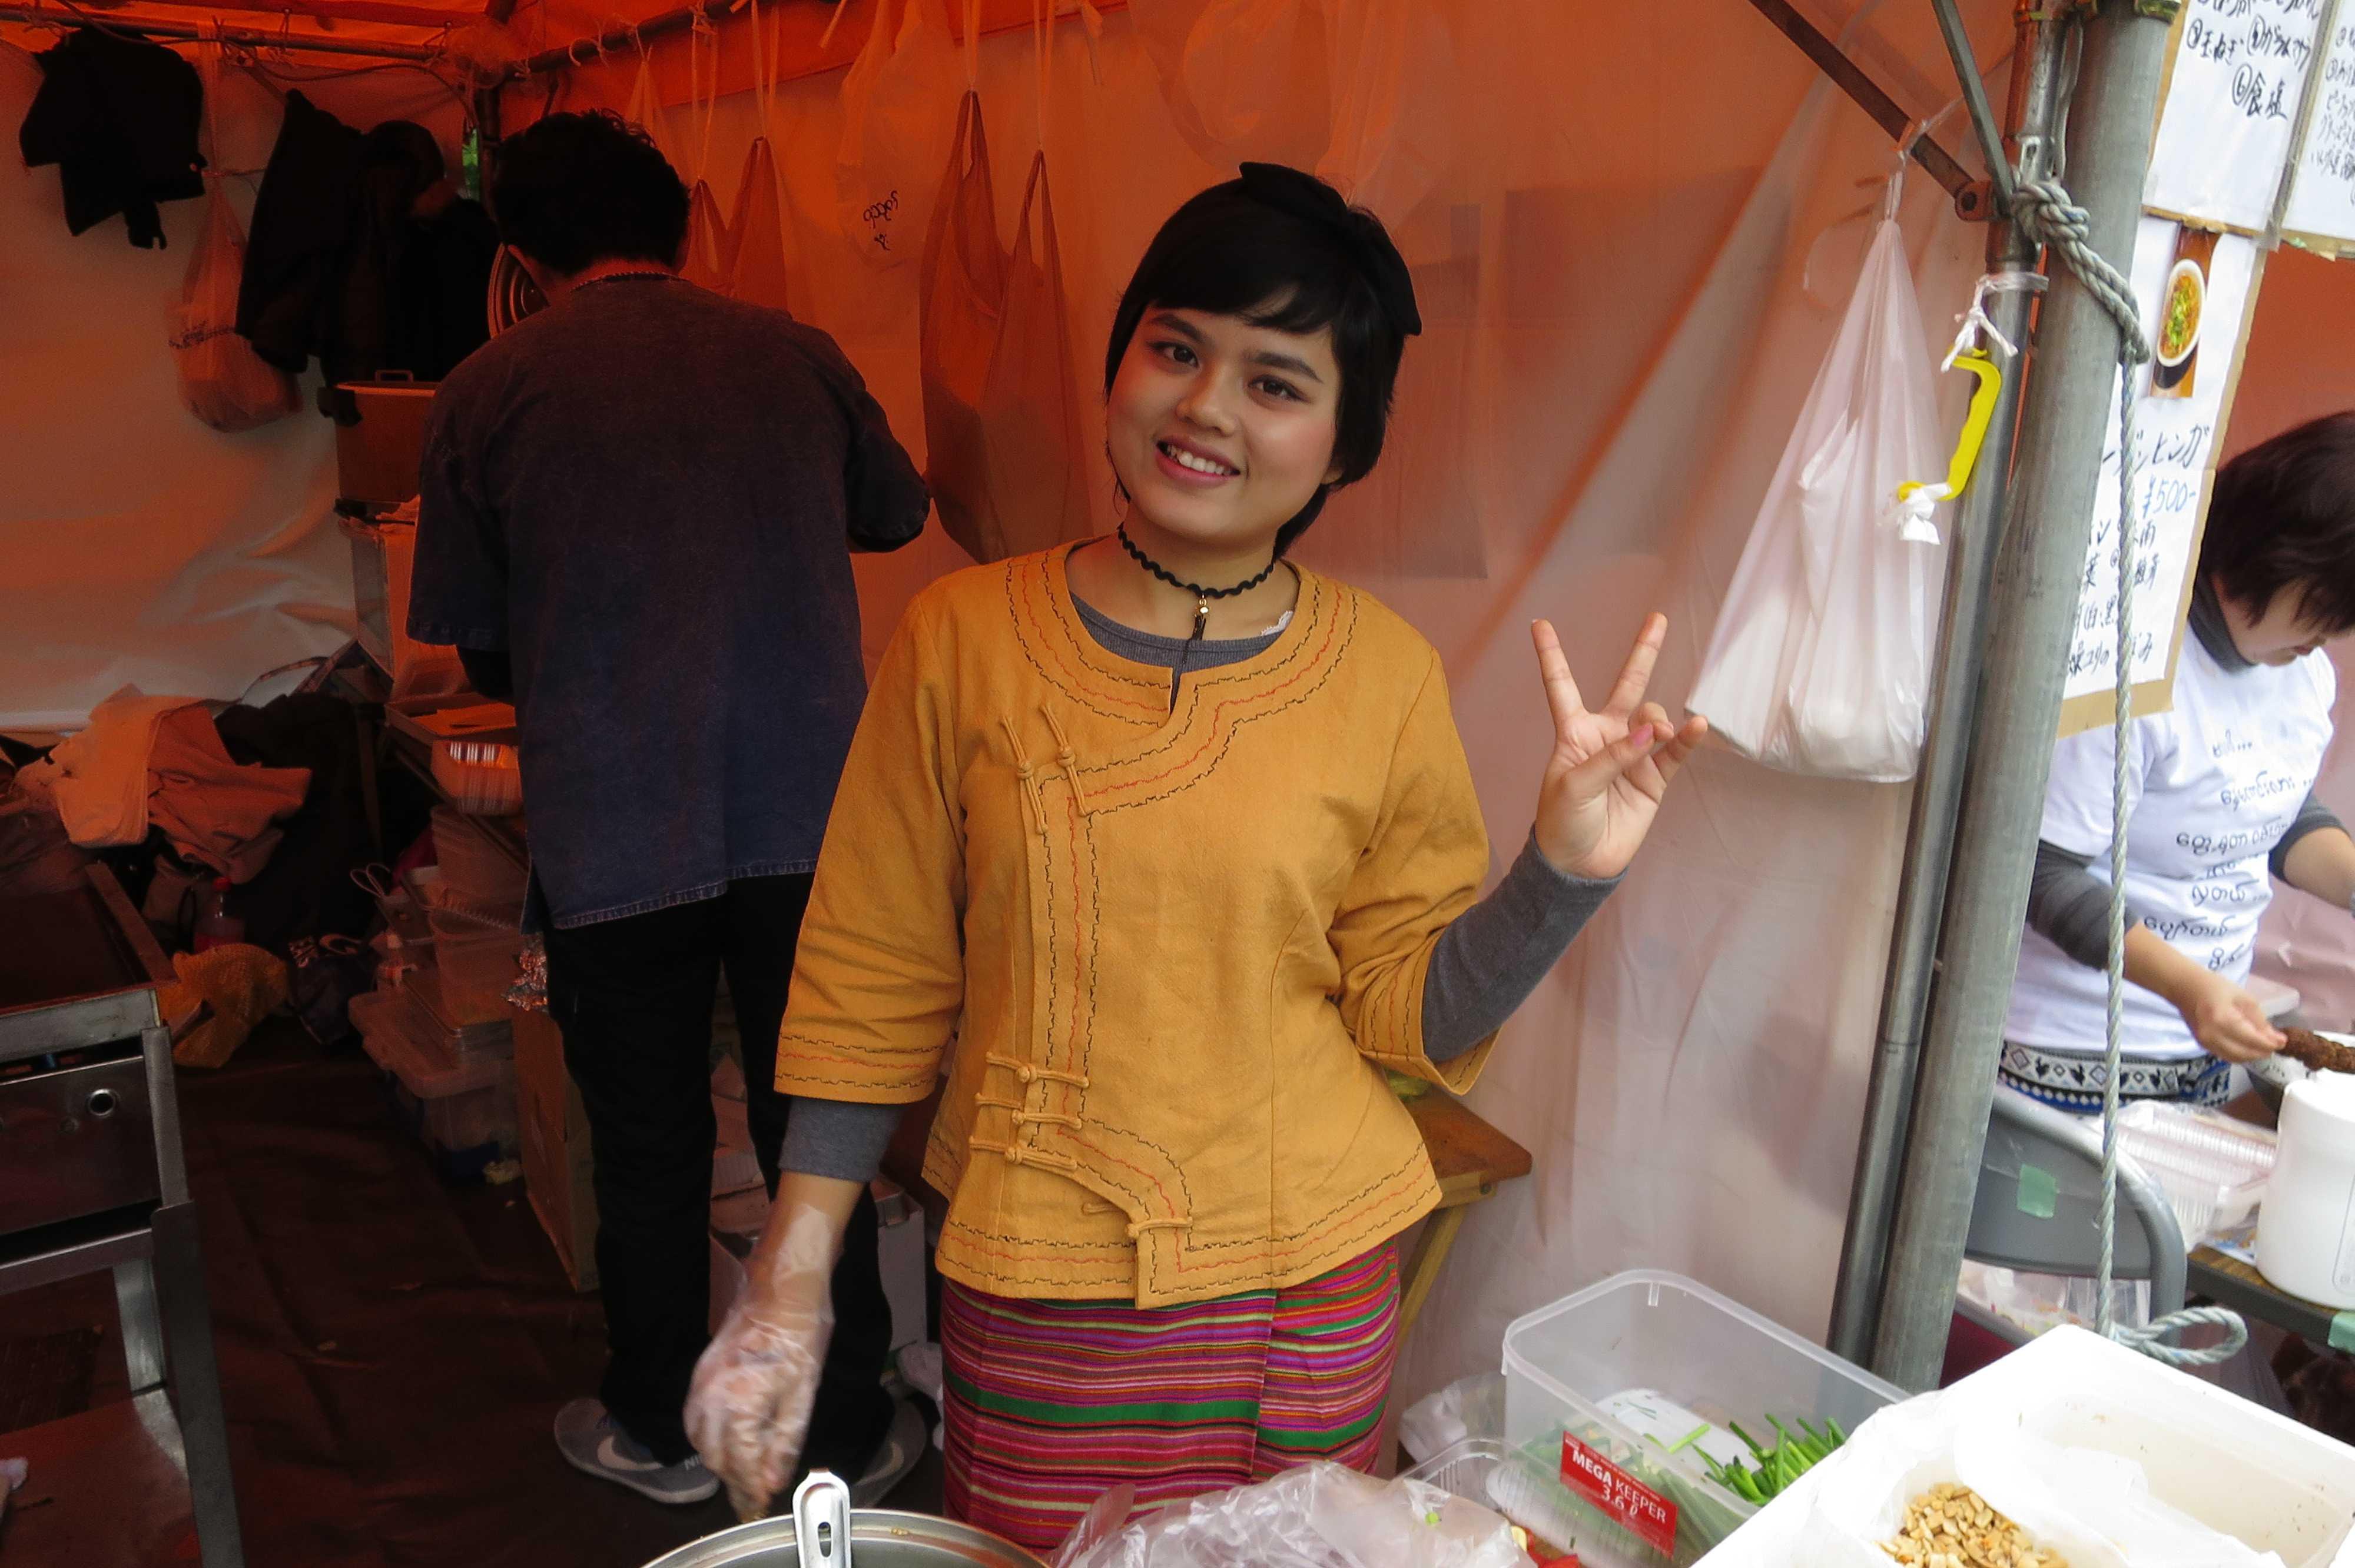 ミャンマー人の看板娘! - ミャンマー祭り2016